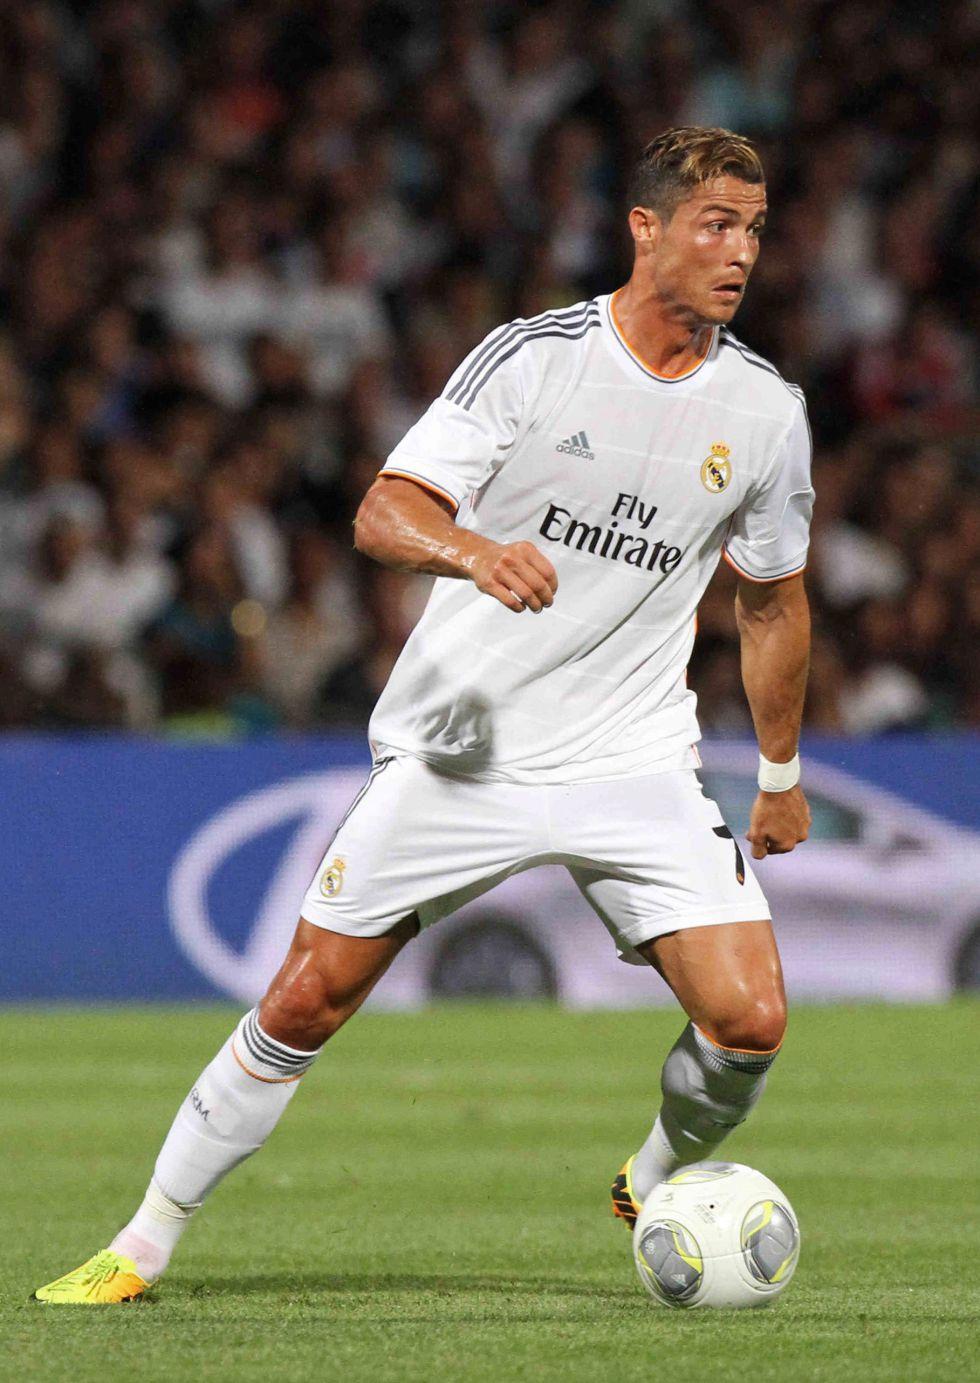 Cristiano, el deportista más seguido en Twitter: 20 millones